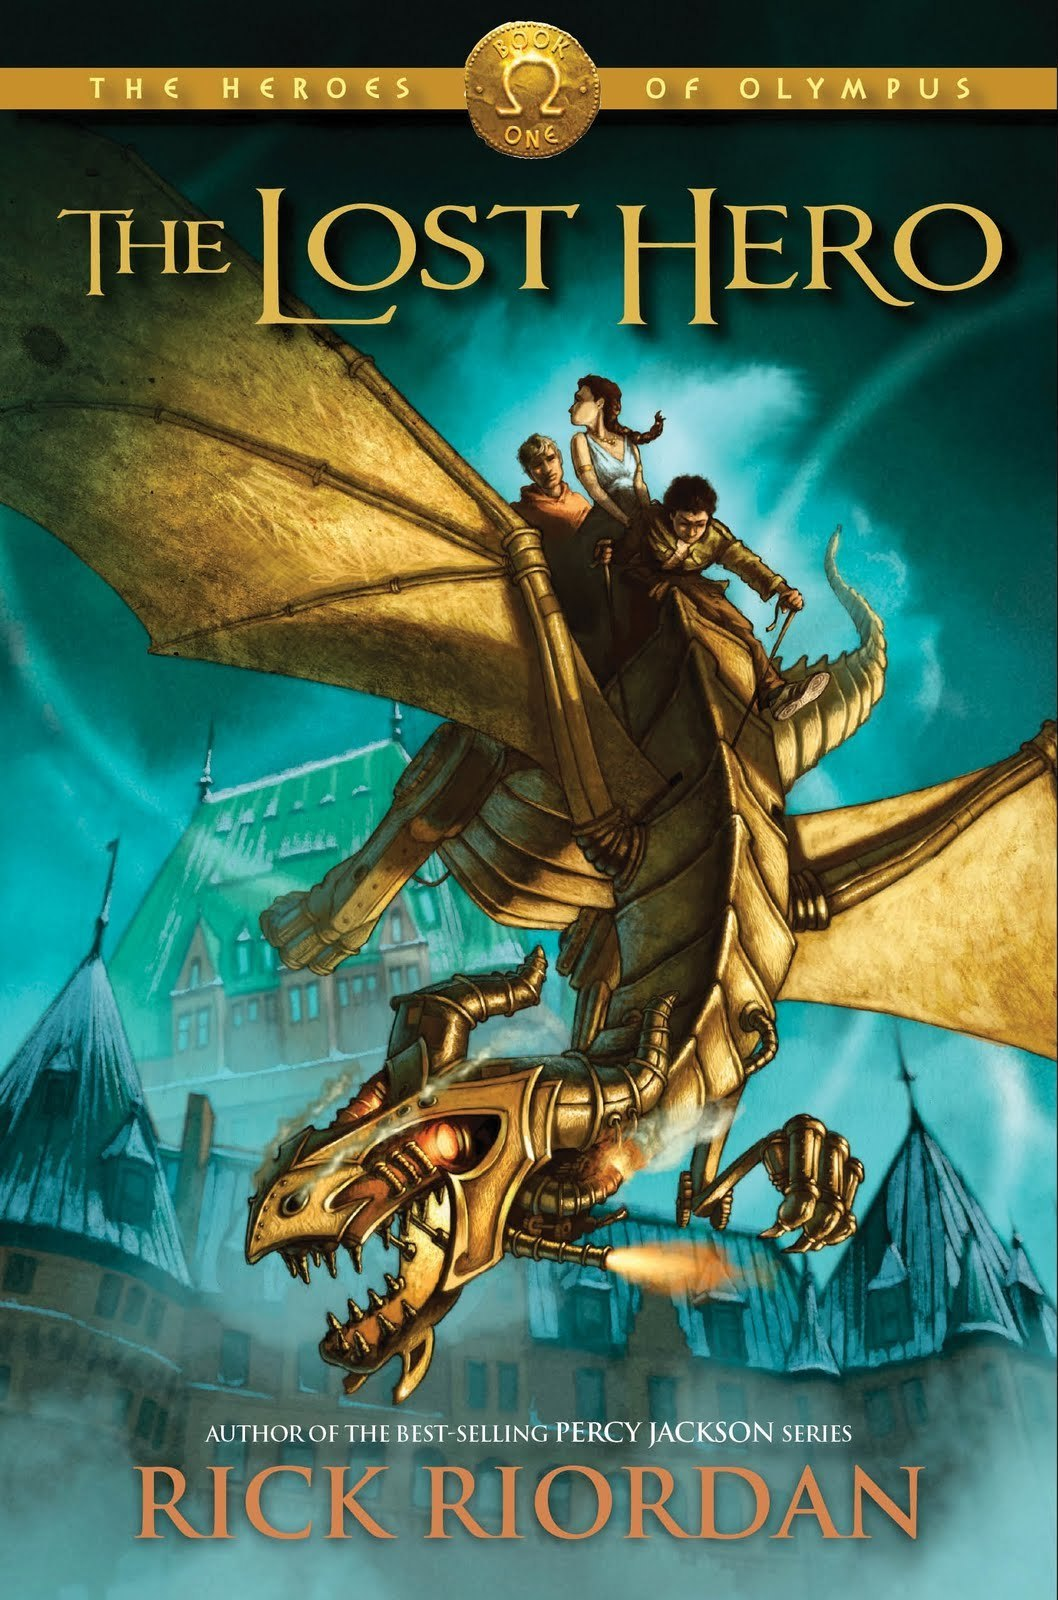 The Lost Hero - Heroes of Olympus Spoilers Photo (25837698) - Fanpop